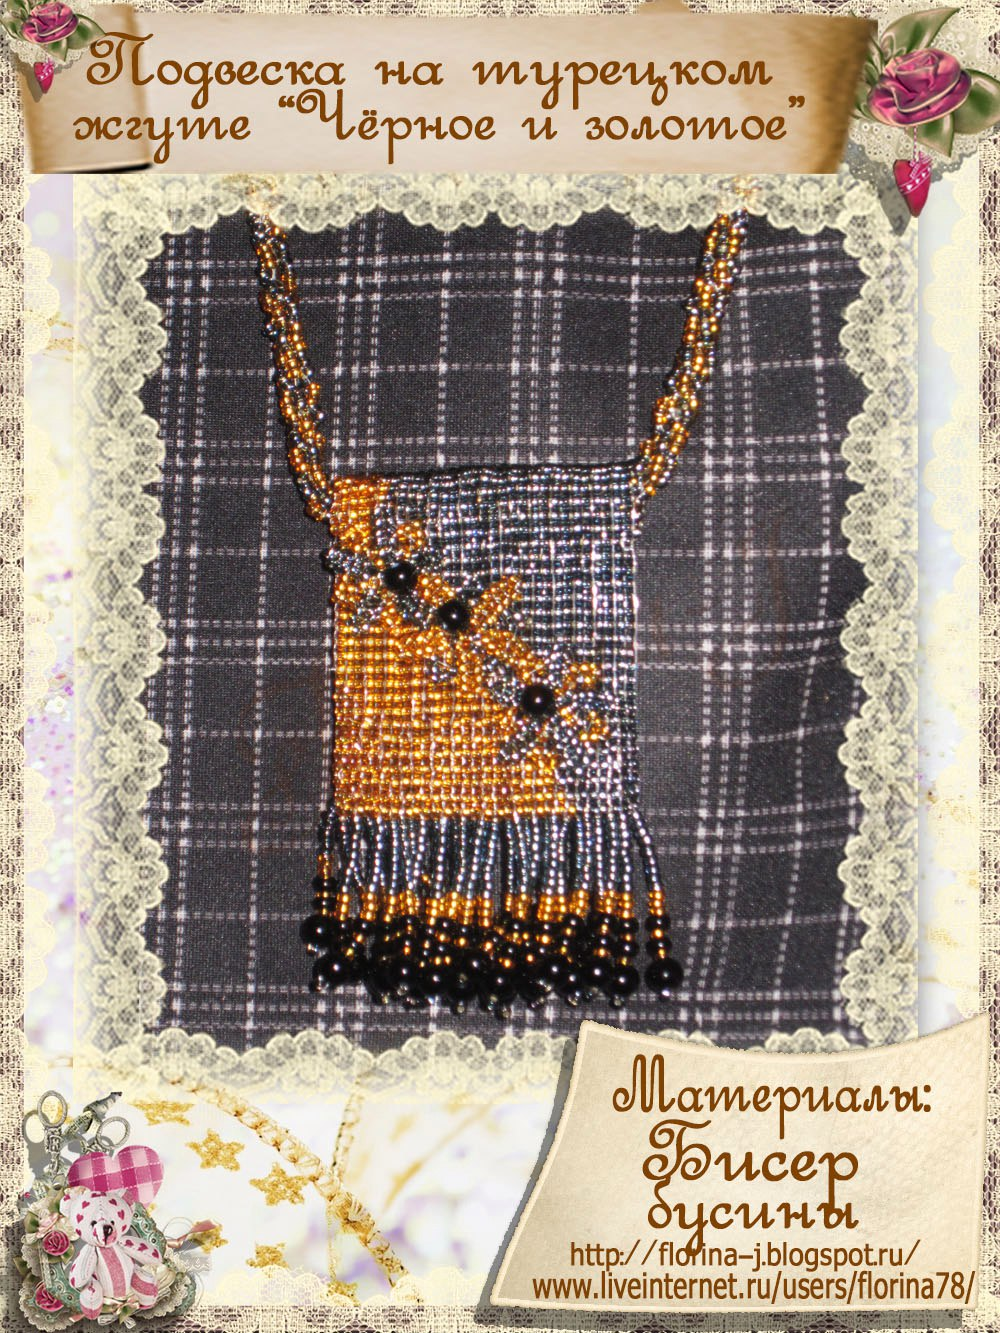 станок, станок для плетения, плетение бисером, кулон, кулон из бисера, украшение, ожерелье, колье, бисер, турецкий жгут, плетение